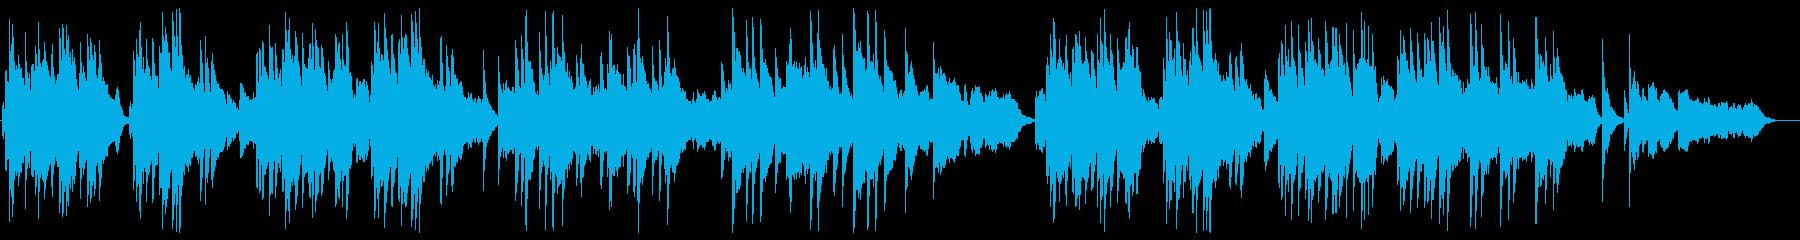 ピアノソロで奏でられる美しい小曲の再生済みの波形